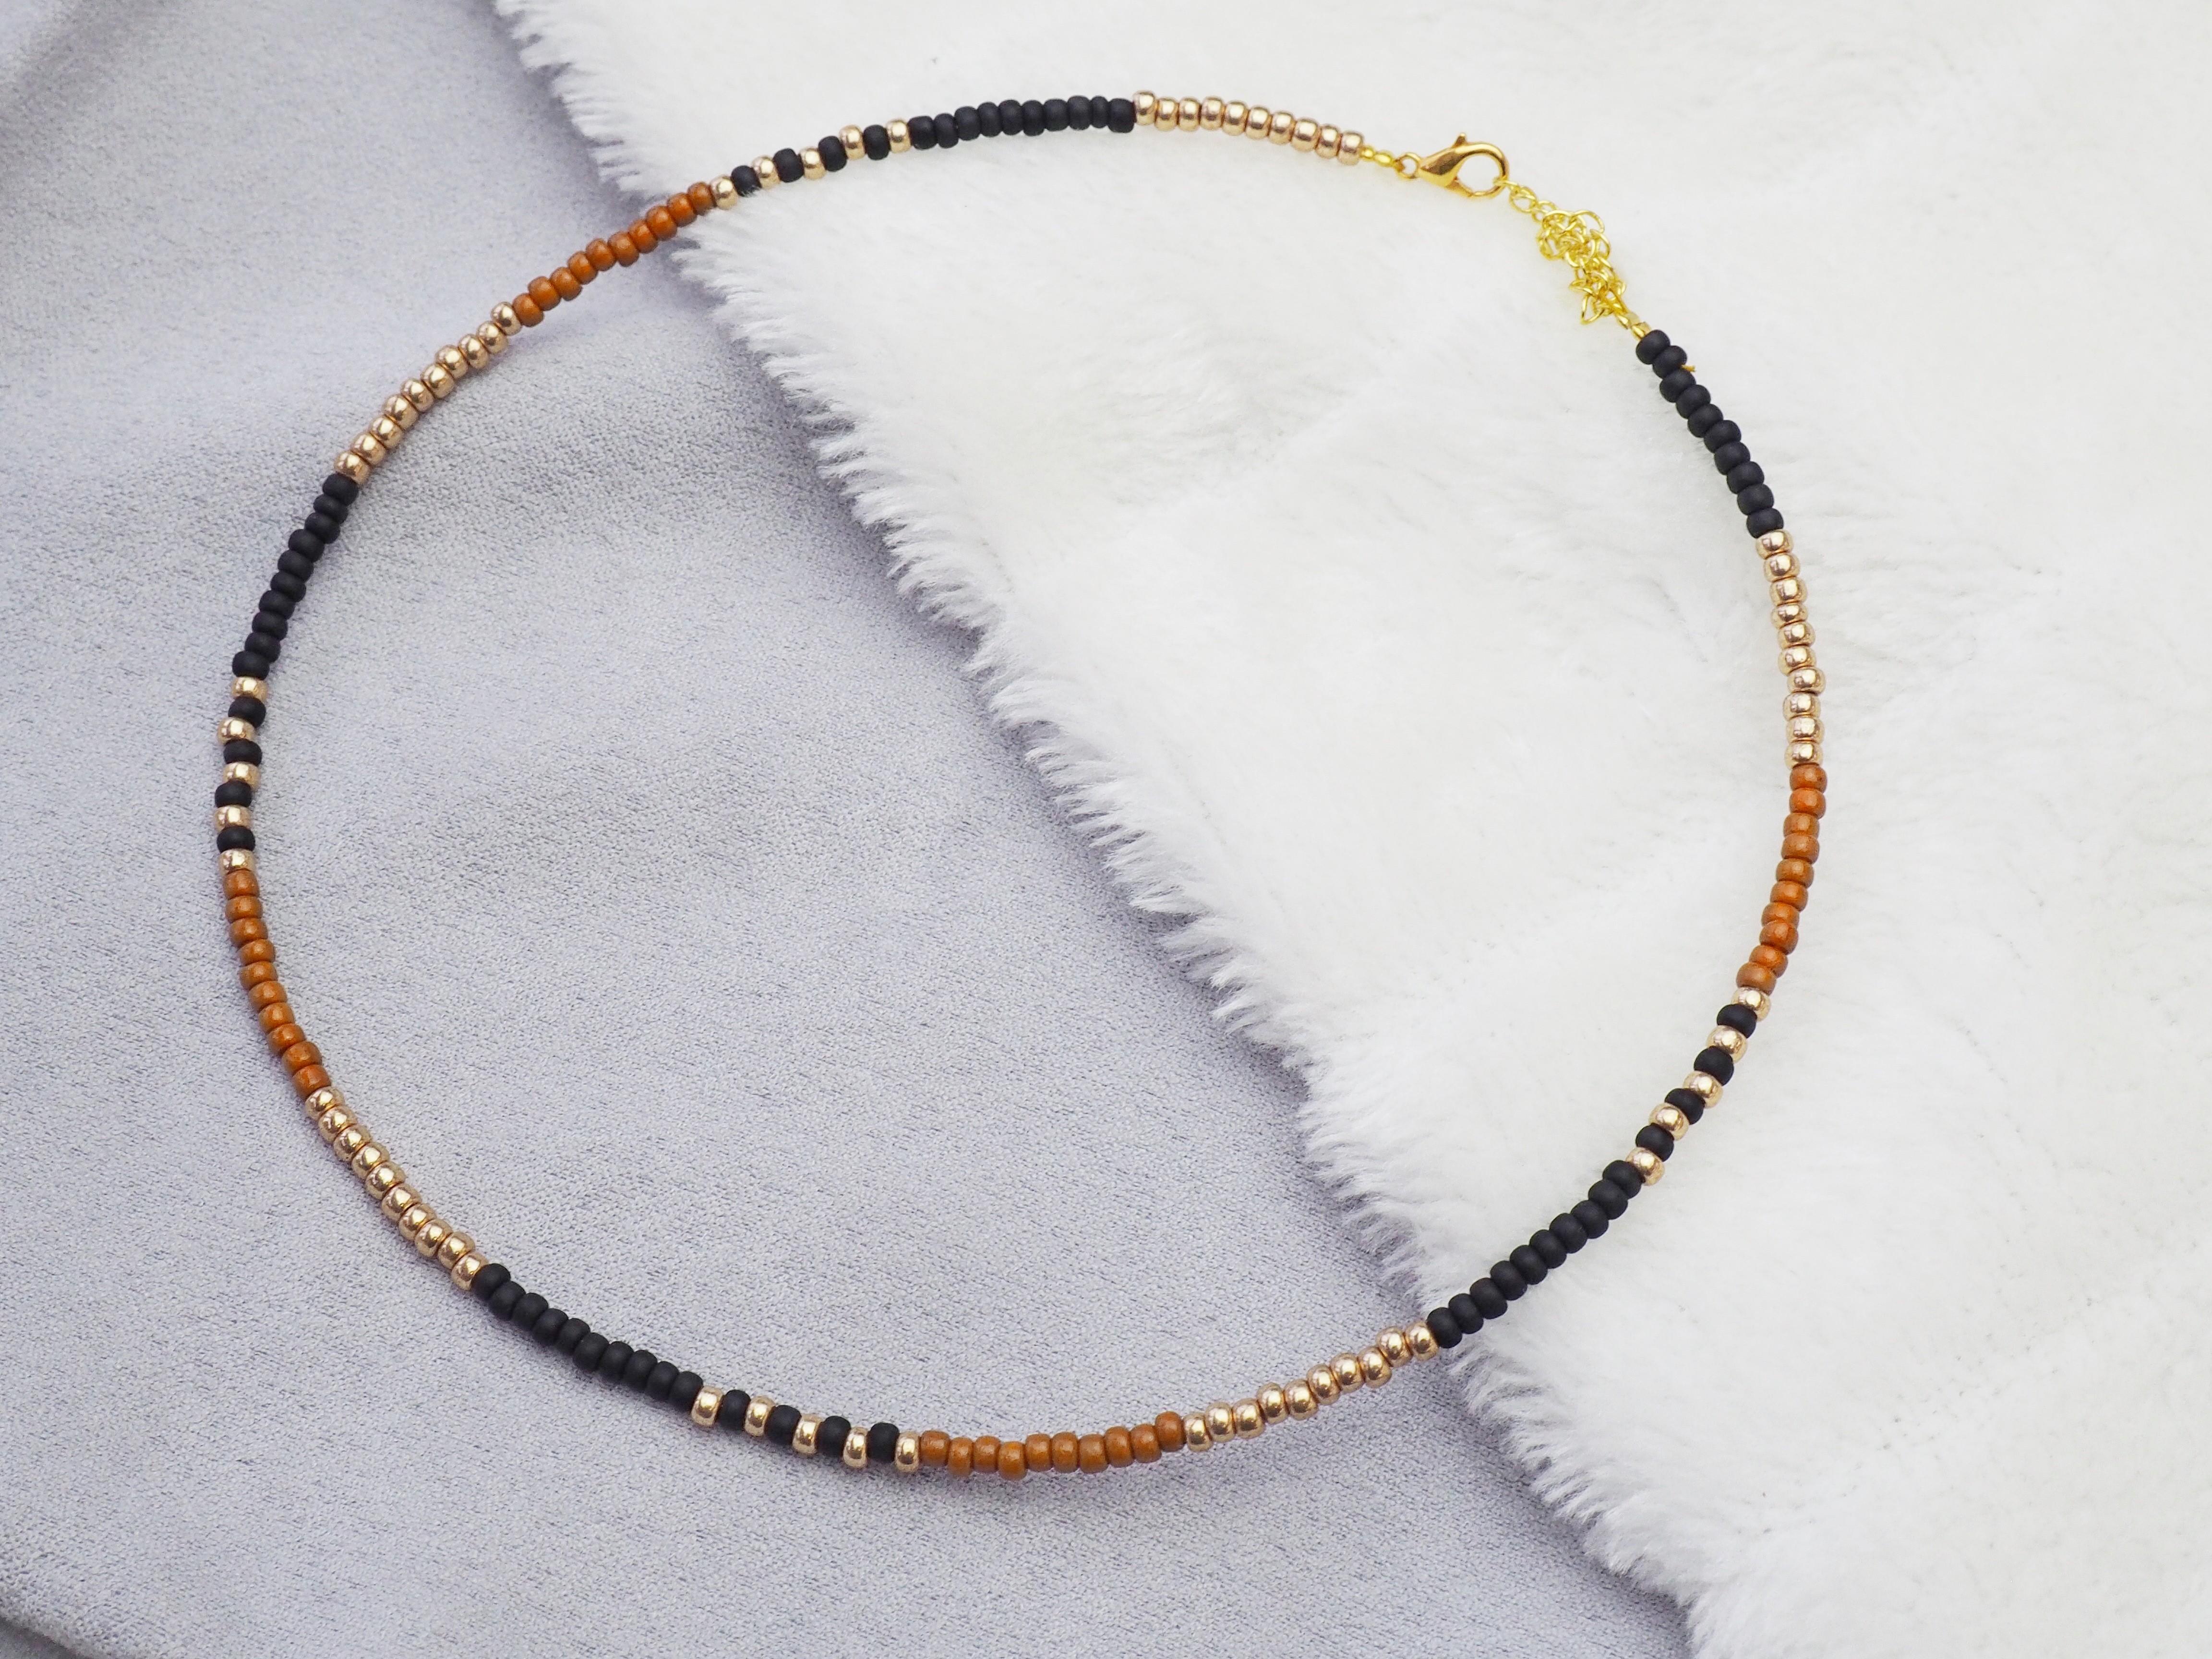 diy-pakket-ketting-miyuki-rocailles-zwart-camel-goud